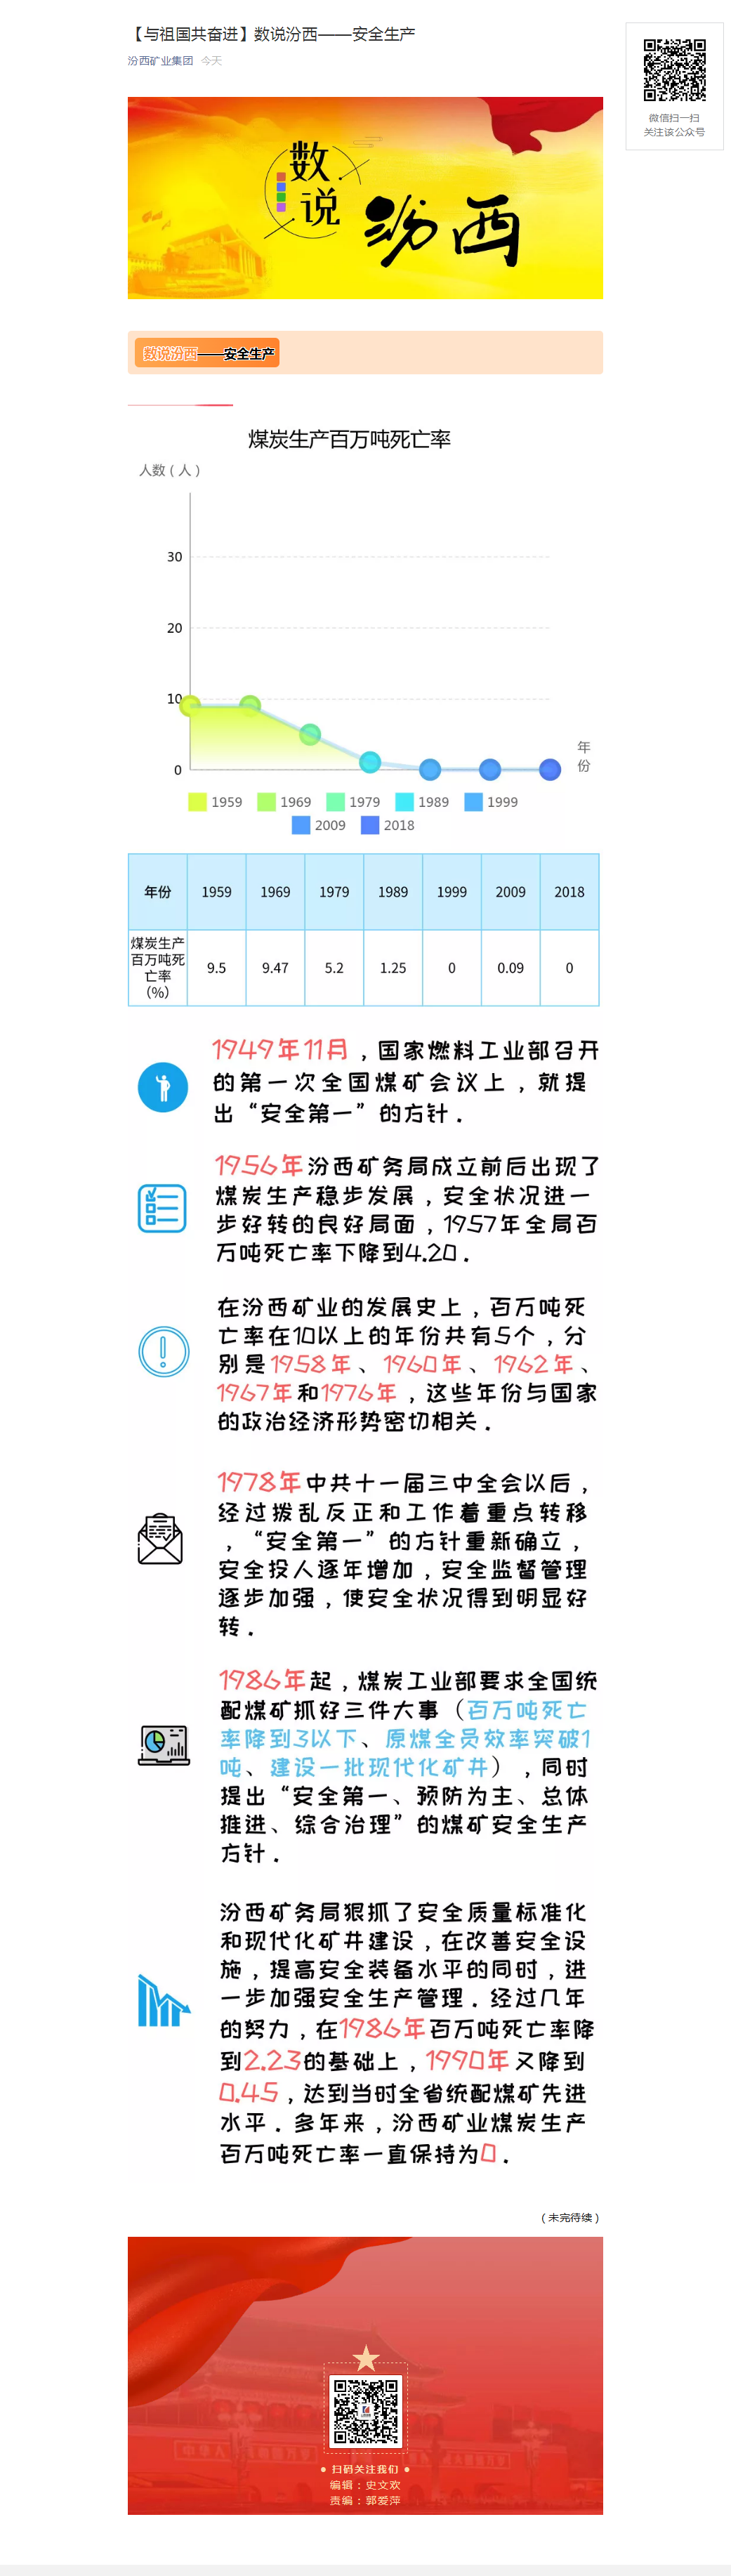 【与祖国共奋进】数说龙虎斗游戏——安全生产.png